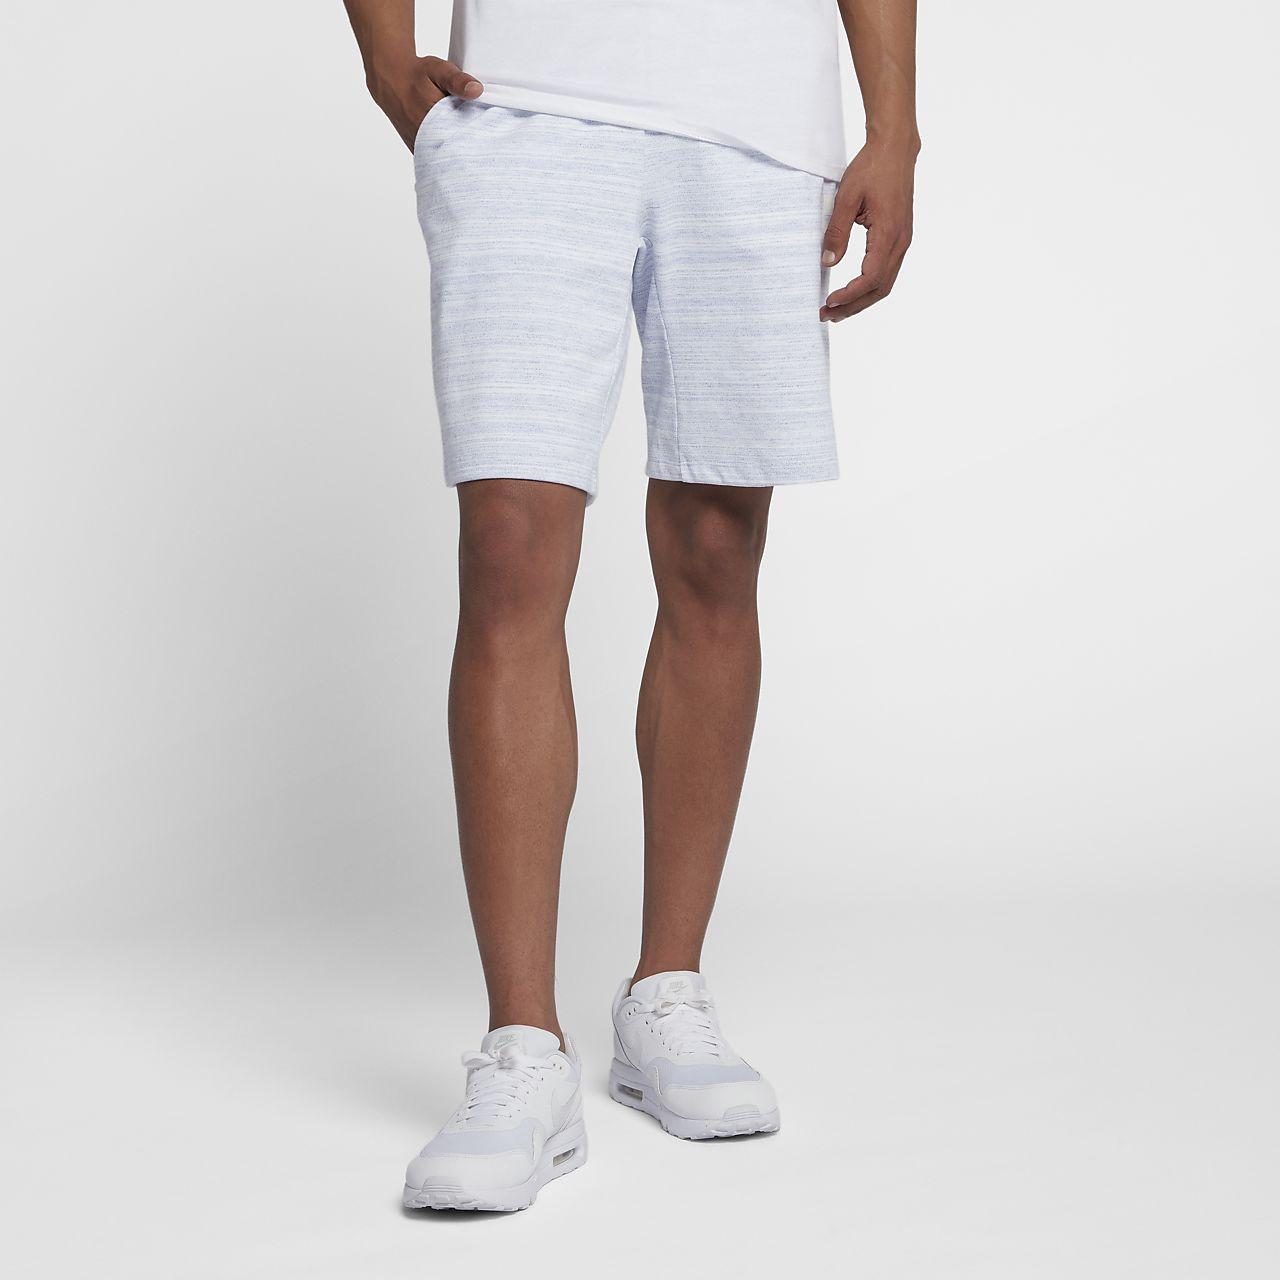 Nike Sportswear Sportswear Short Herren DcEWEY7R